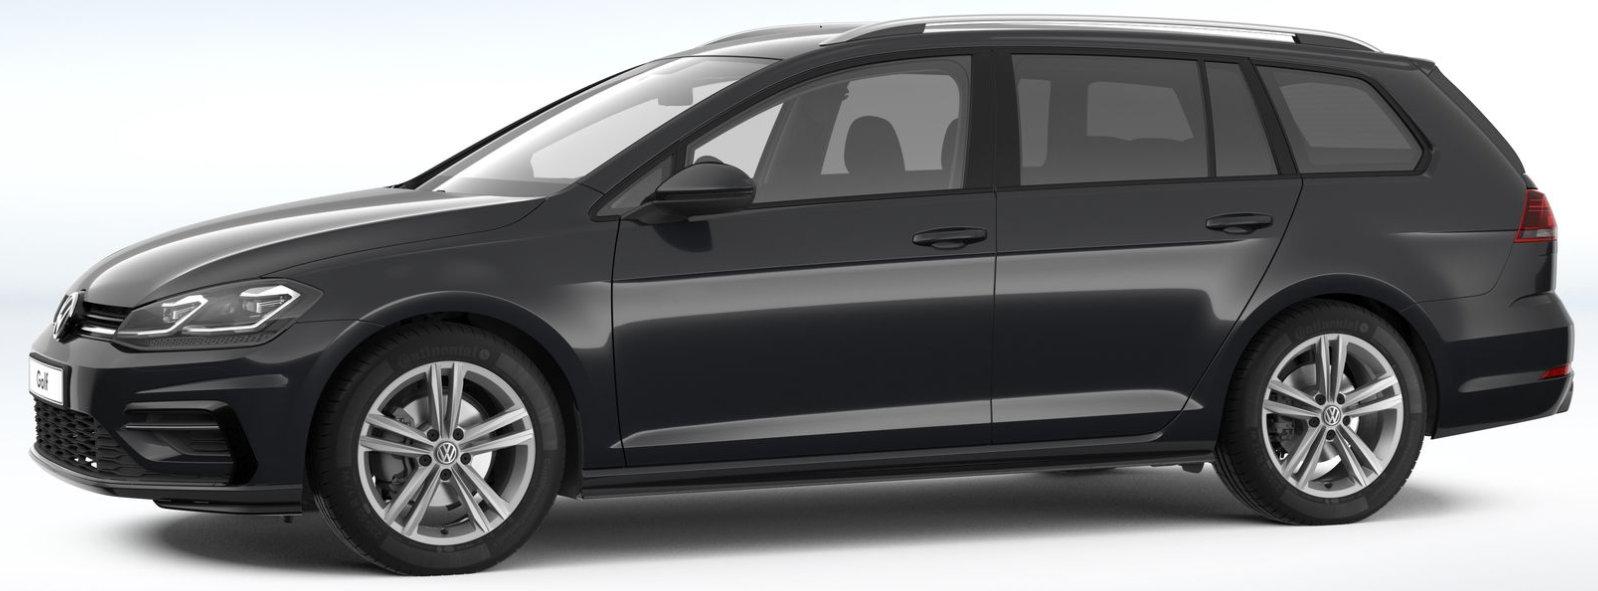 Volkswagen-Golf-Variant-leasen-2